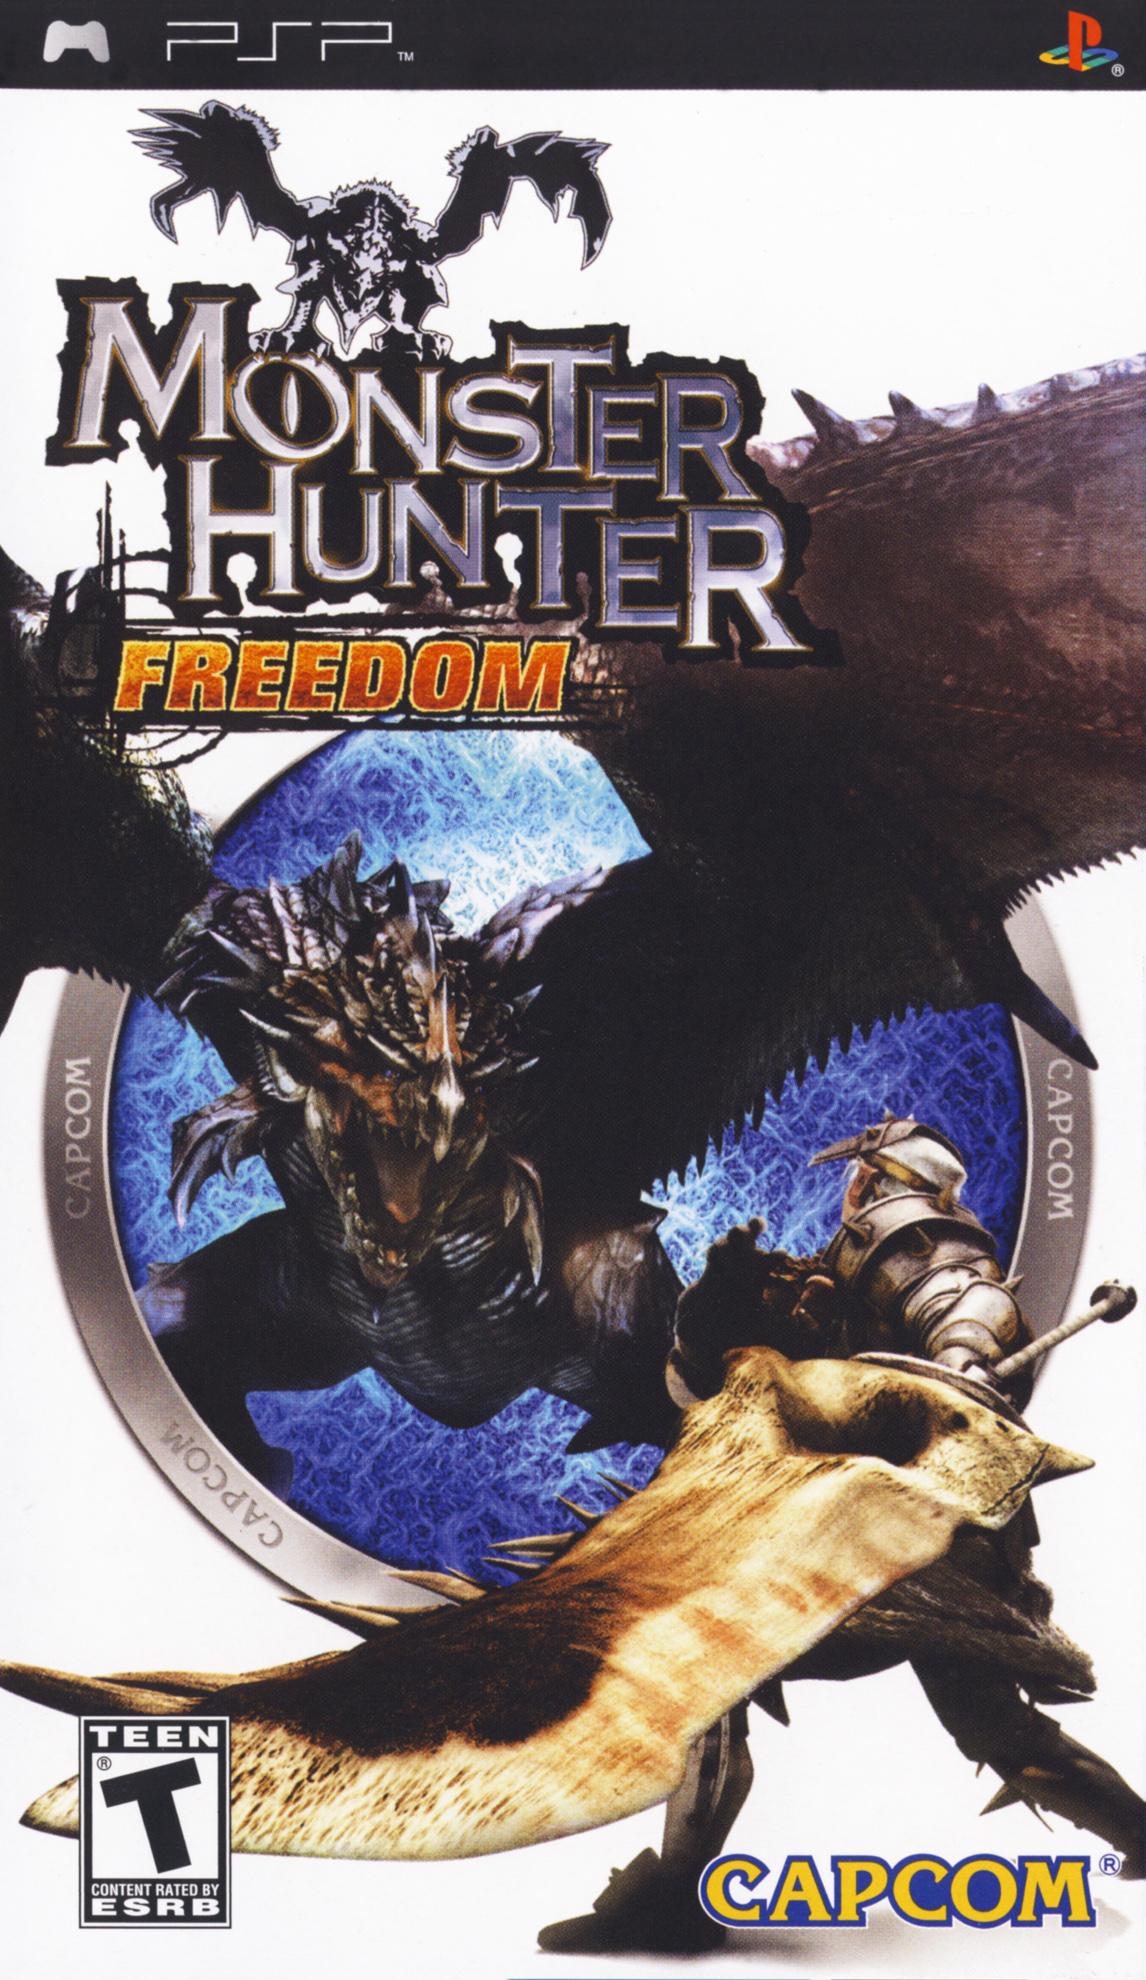 Monster Hunter Freedom/PSP